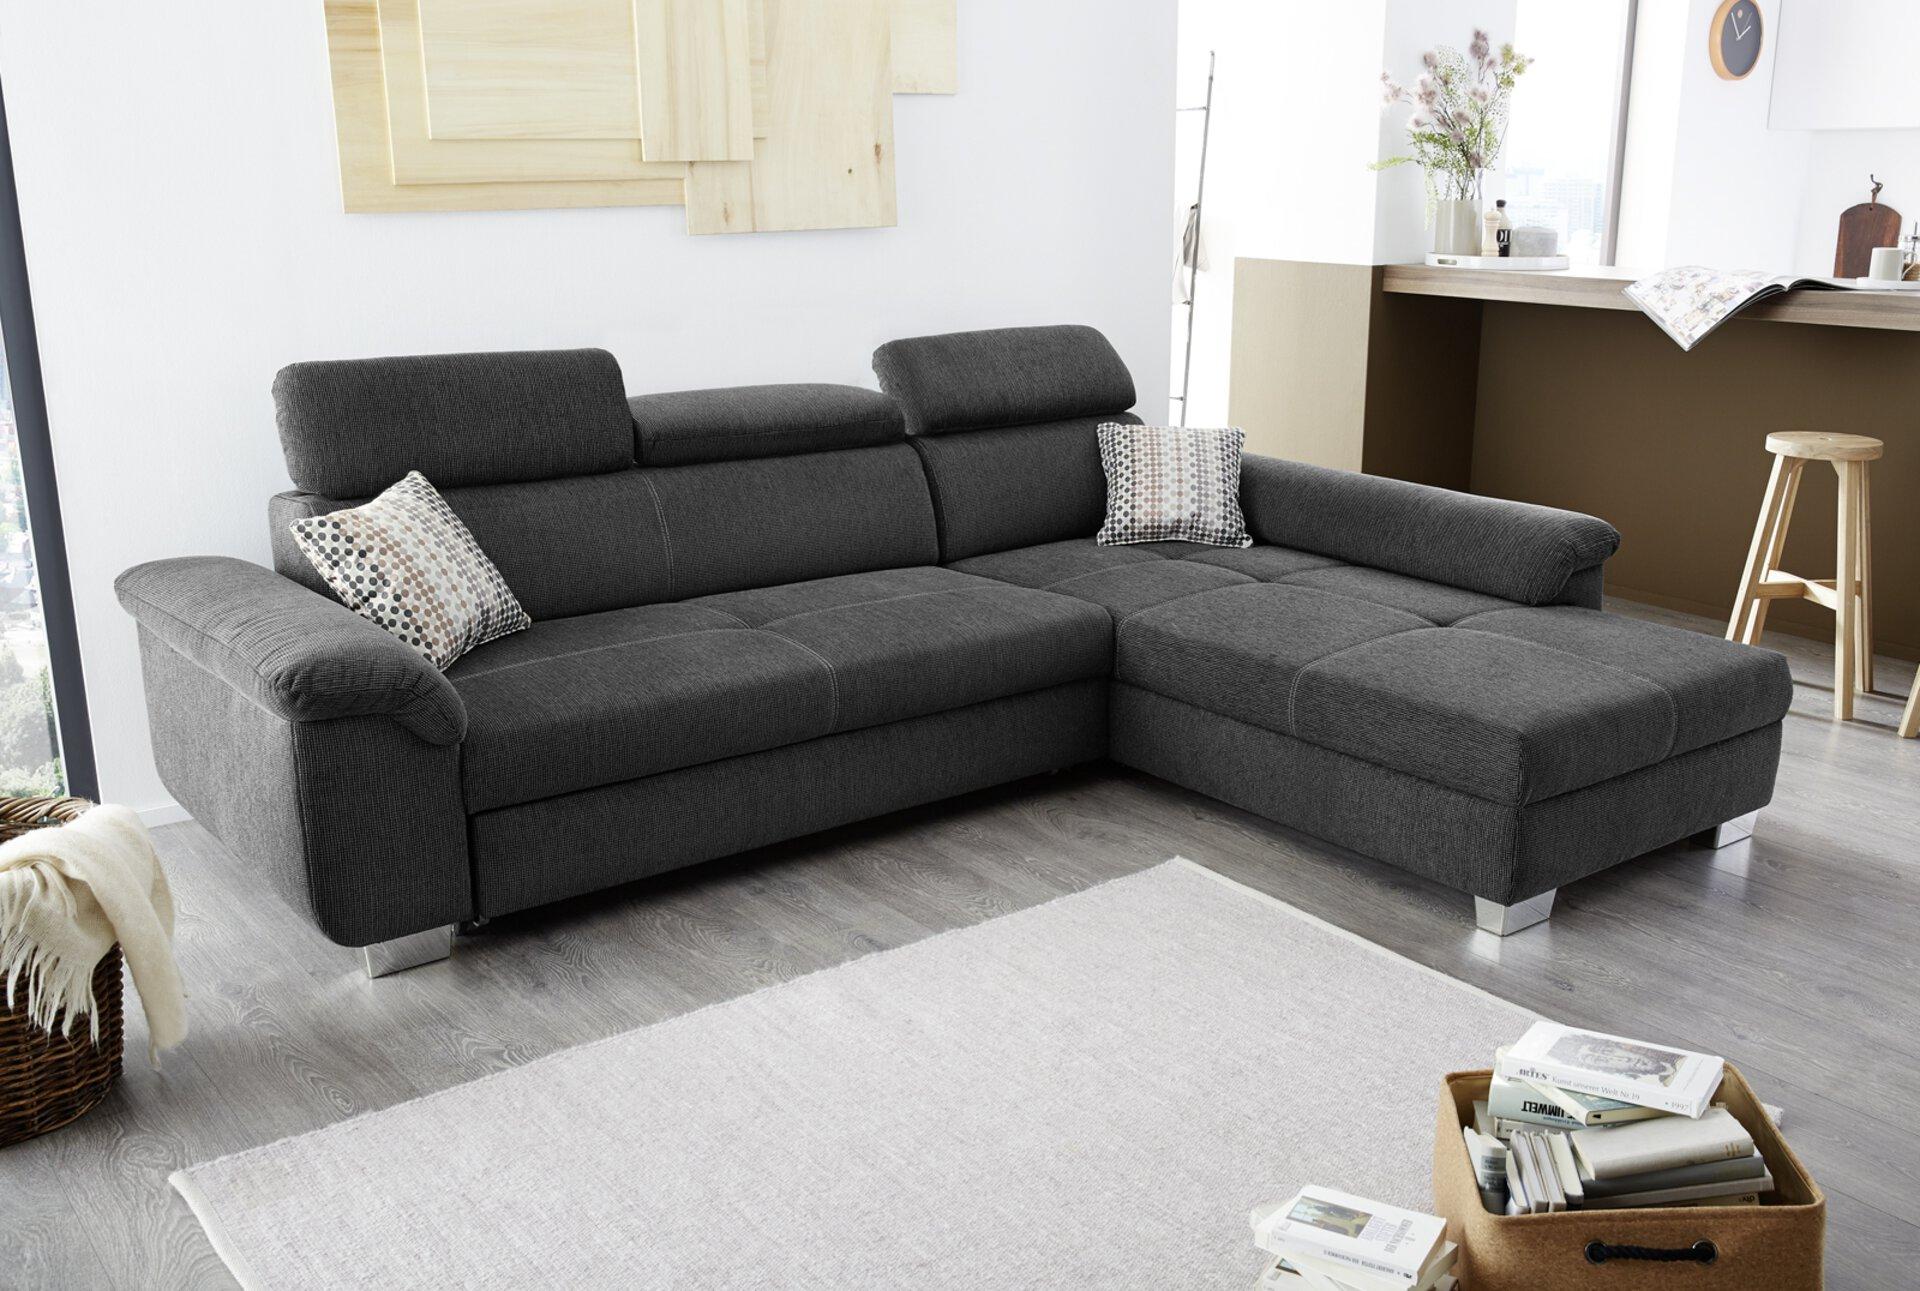 Sofa LANDSHUT CELECT Textil grau 214 x 102 x 295 cm